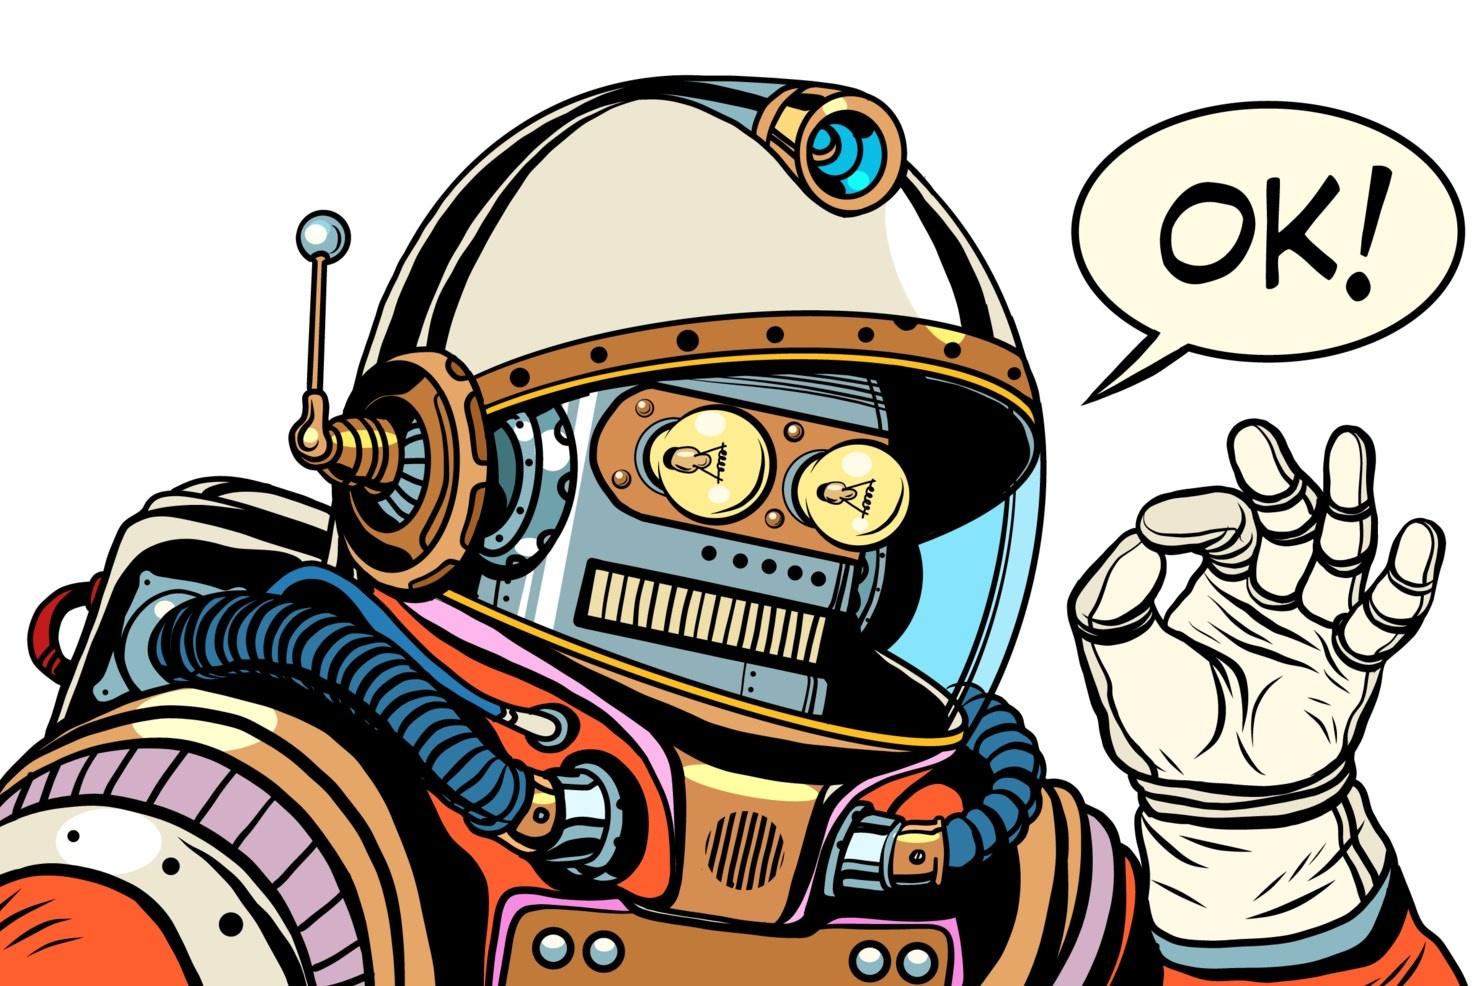 Помедленнее, мы записываем: 10 новых применений API QIWI Кошелька, которые предложил Хабр - 1